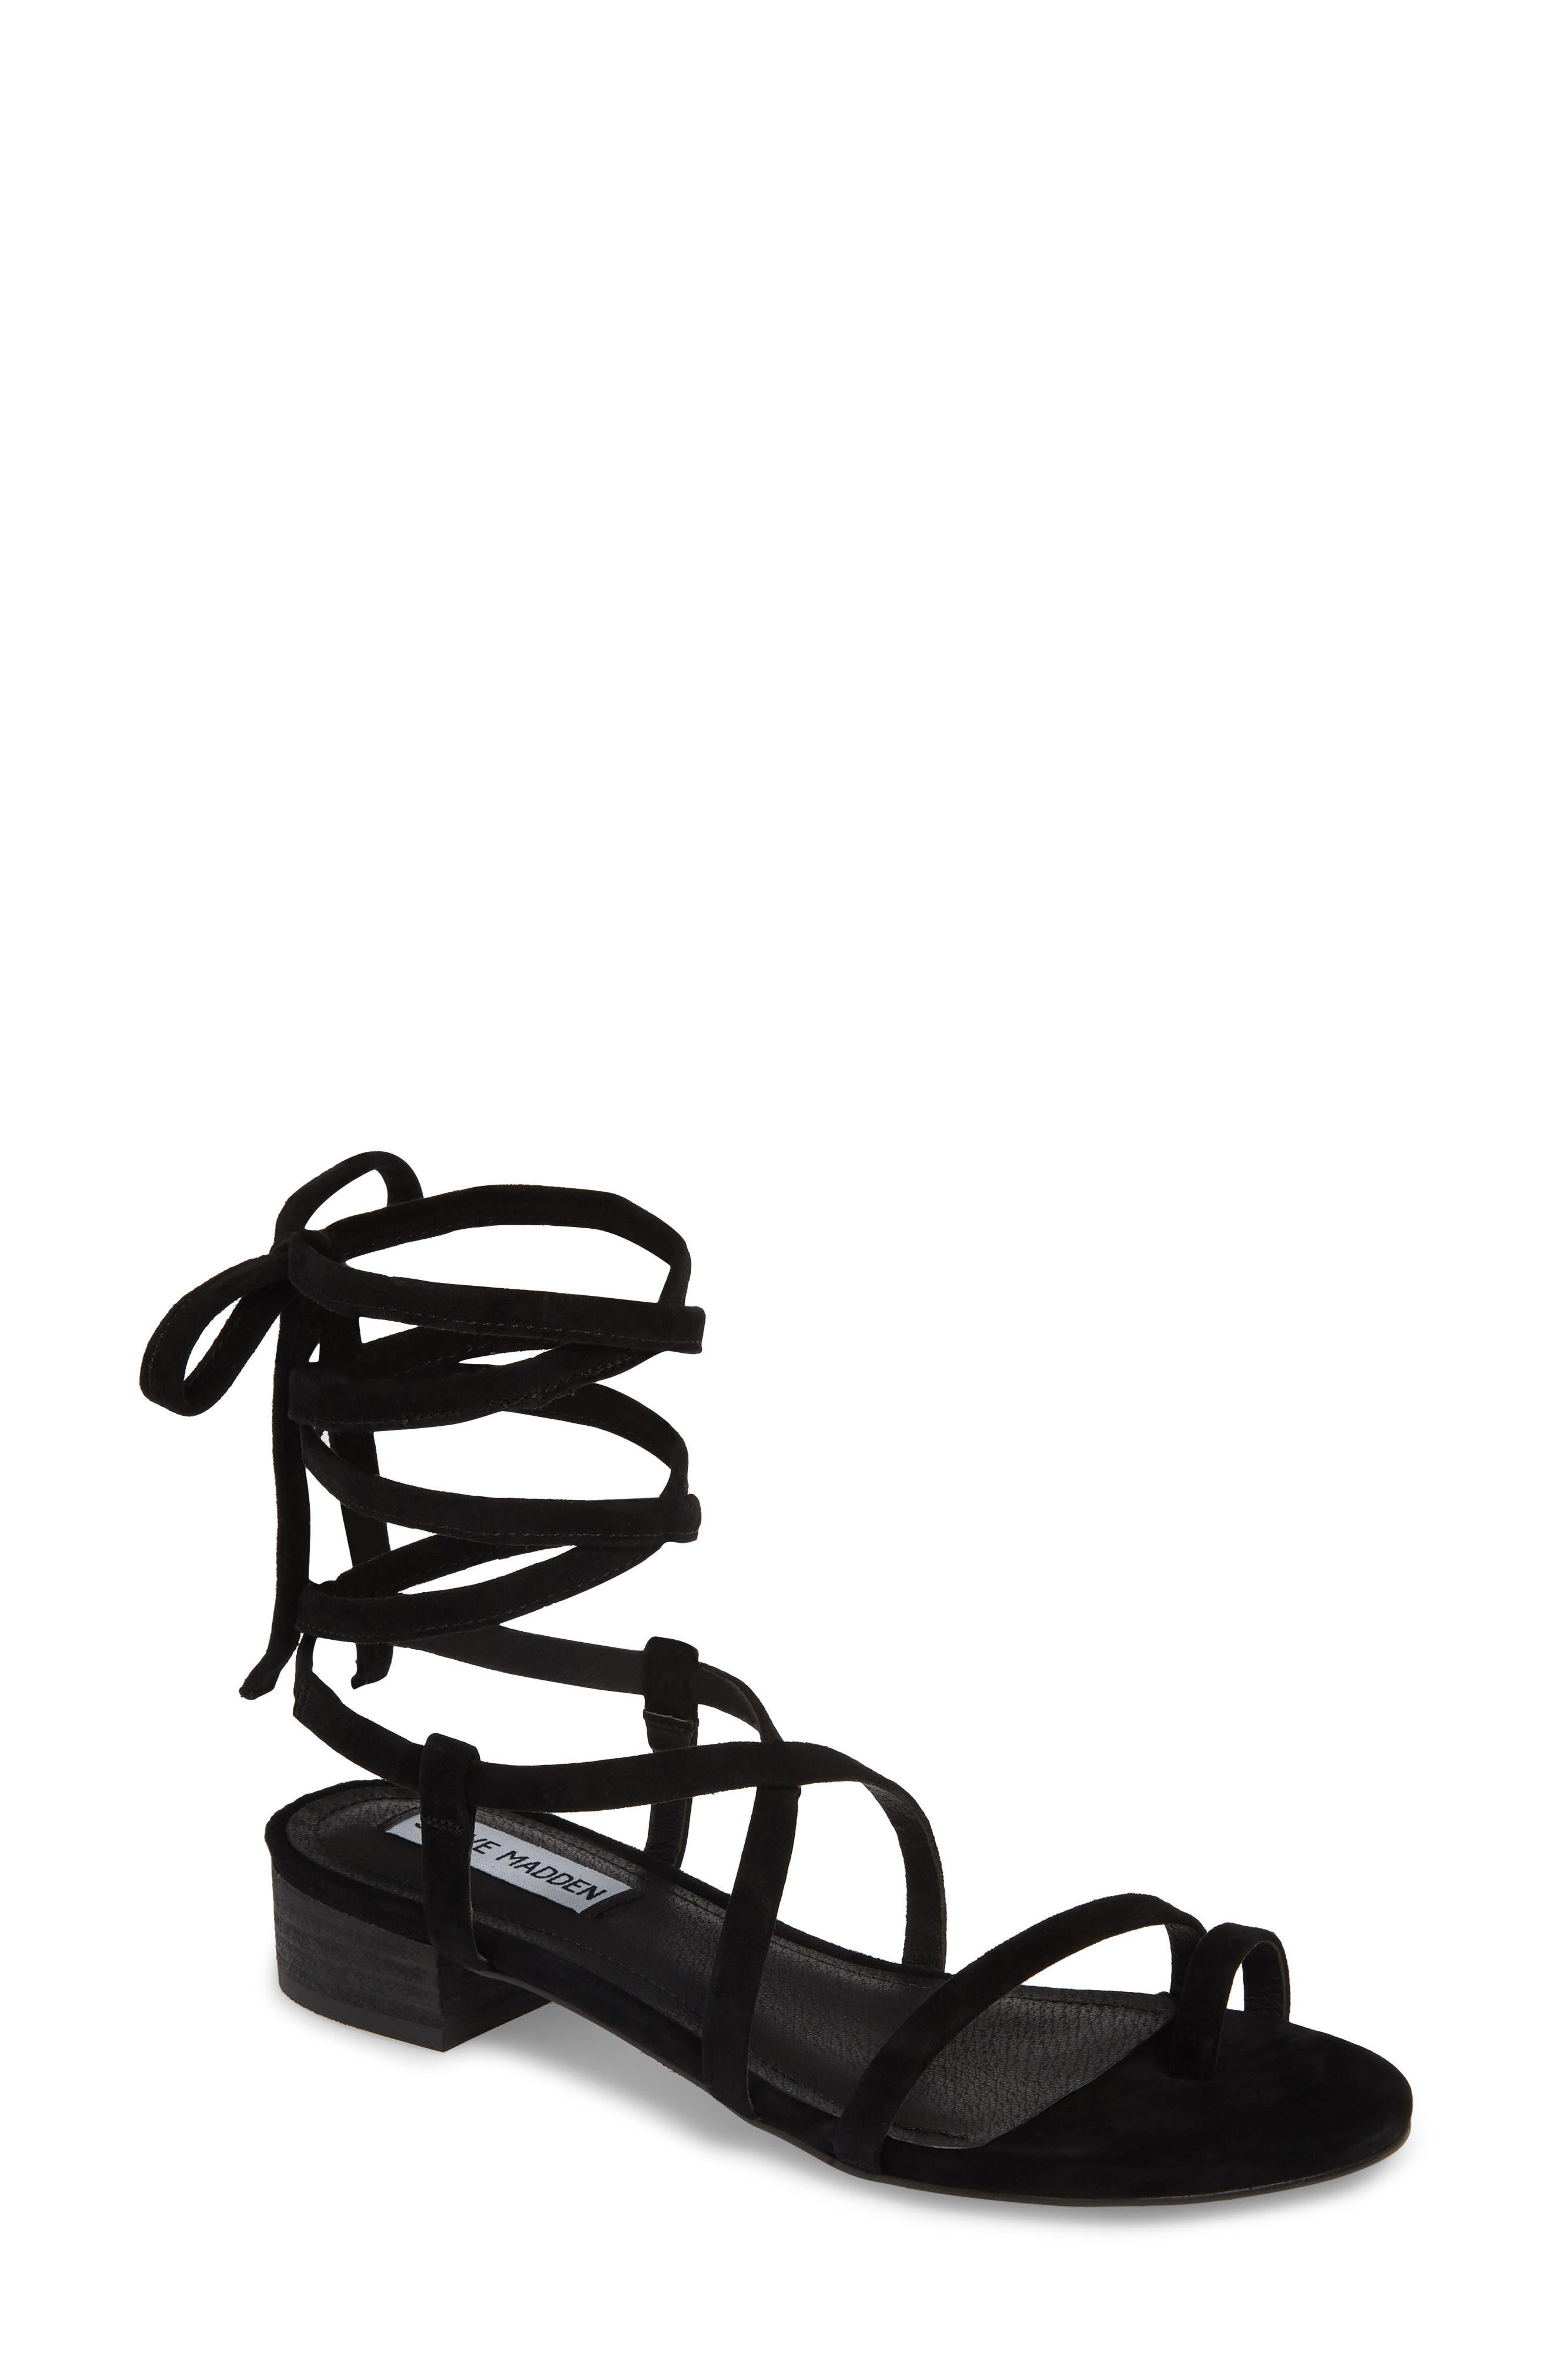 STEVE MADDEN Adrenaline Lace-Up Sandal, Main, color, BLACK SUEDE